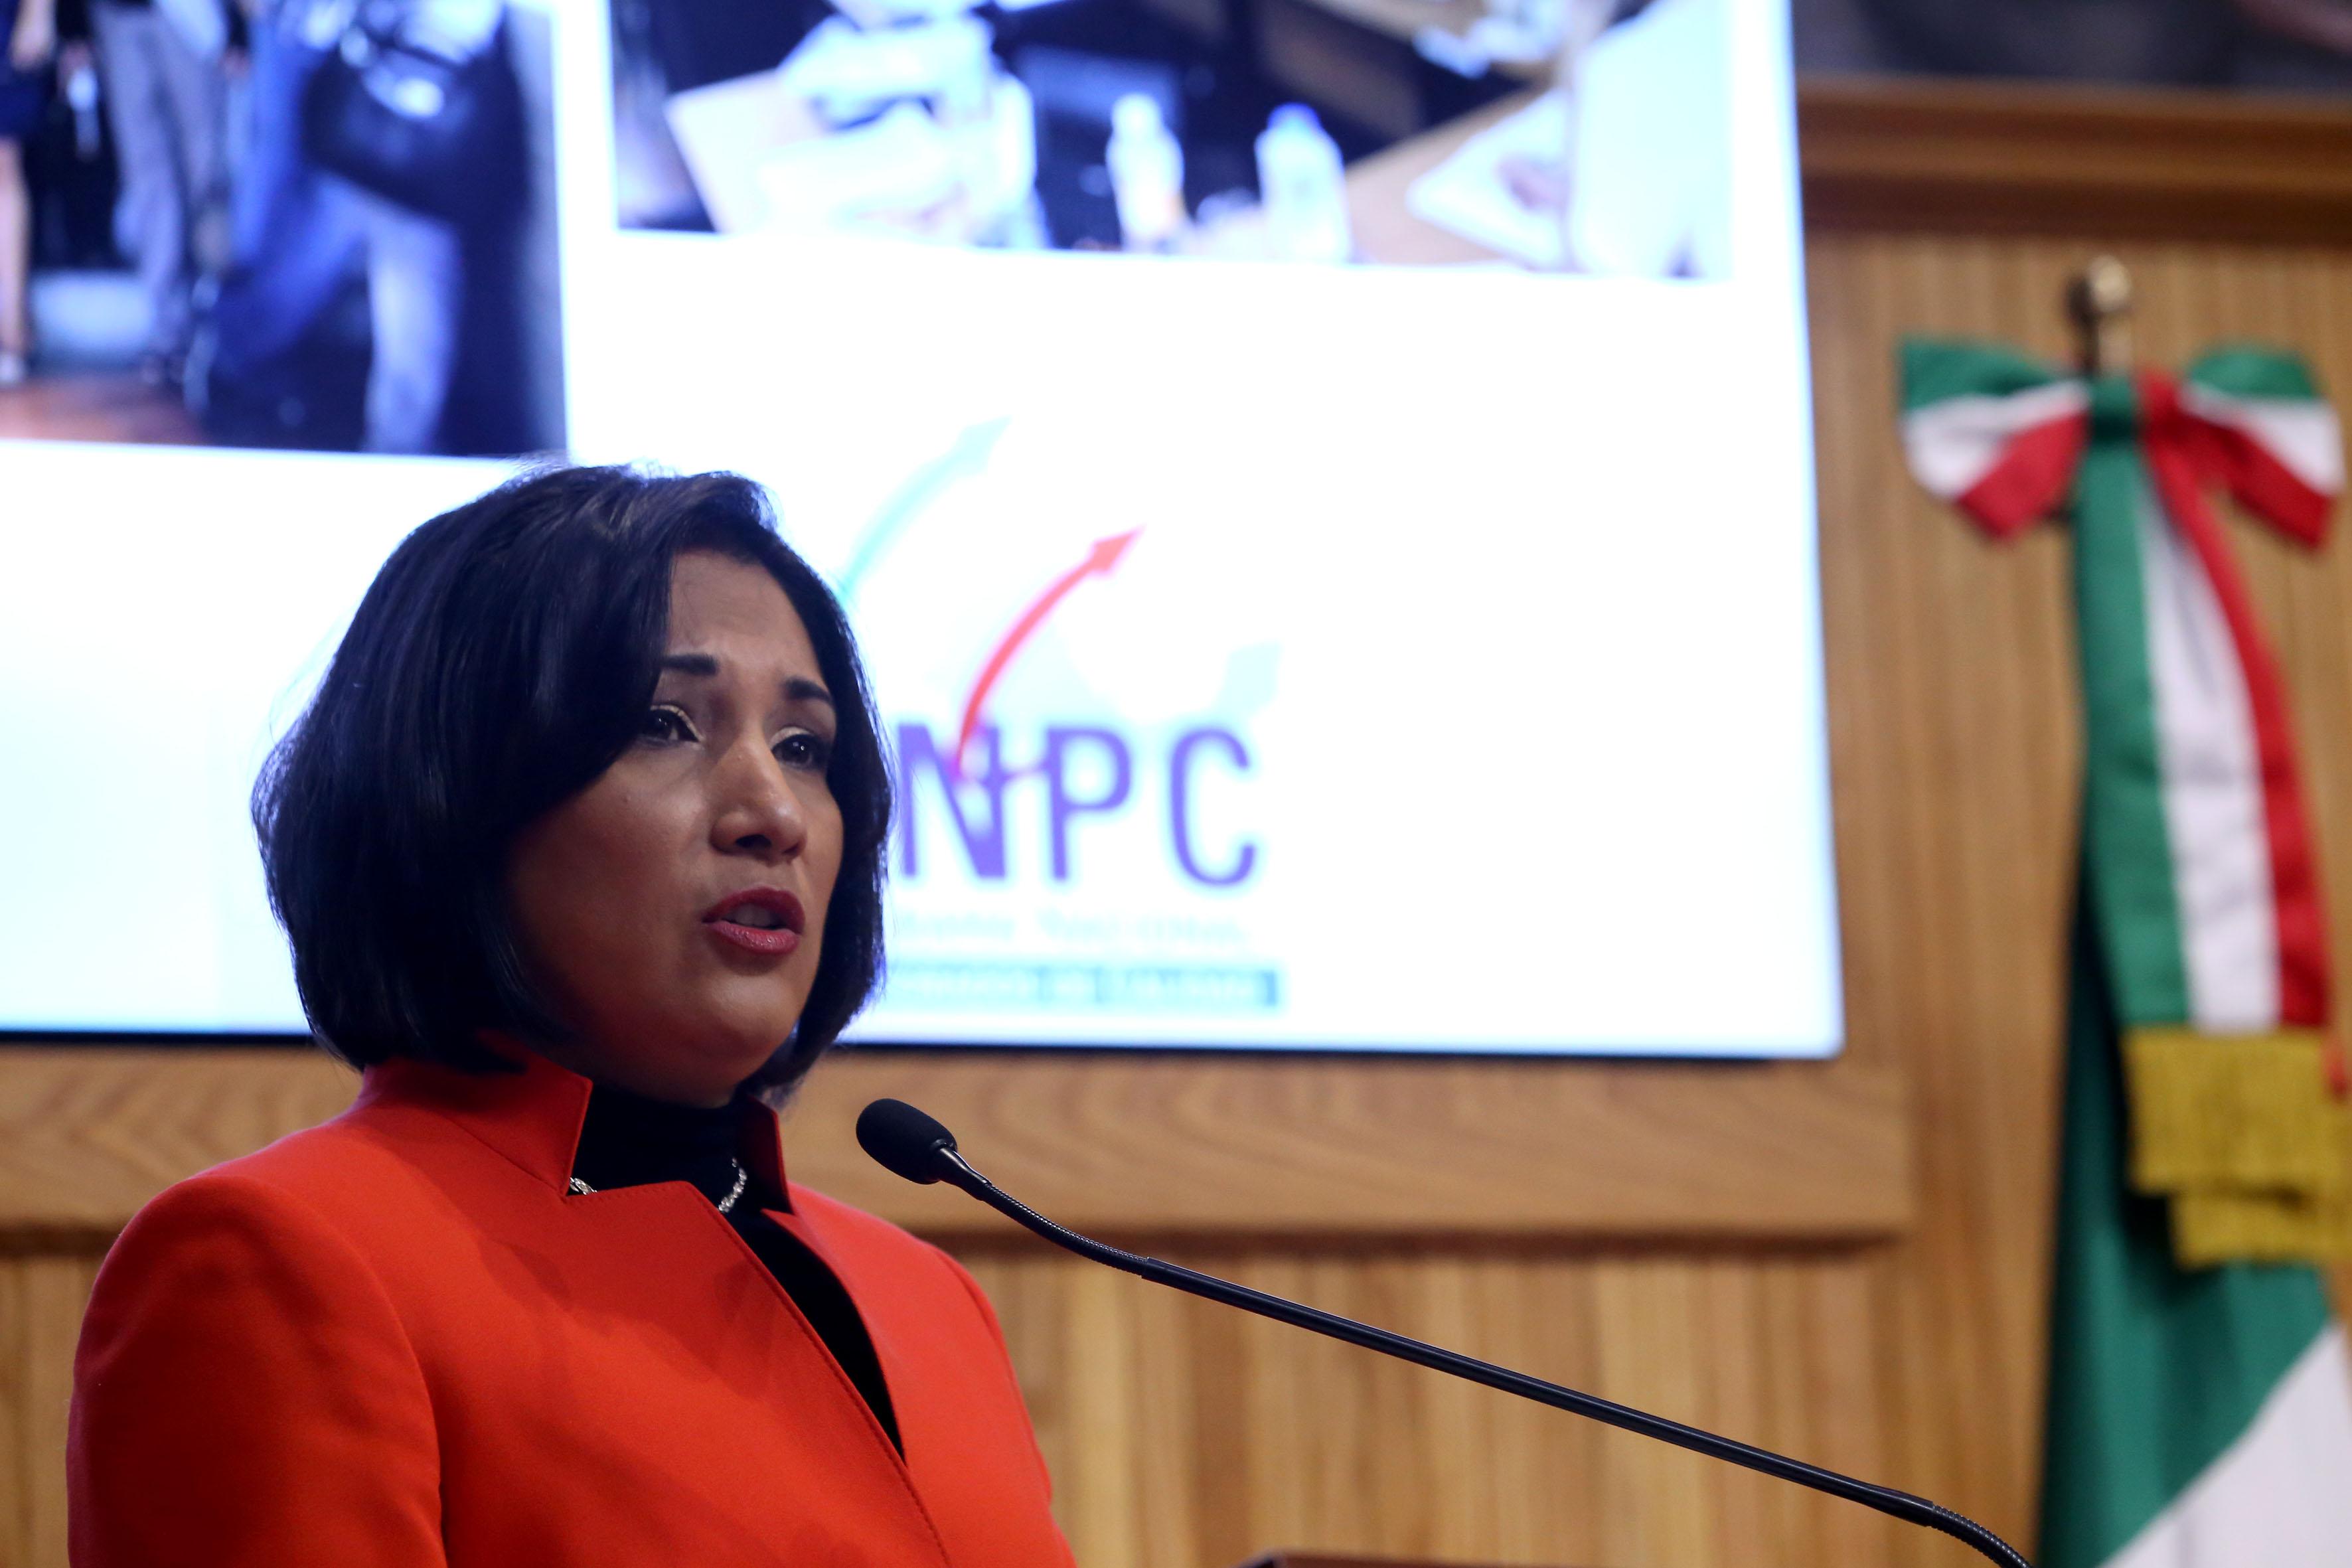 Titular de la Secretaría de Medio Ambiente y Desarrollo Territorial (Semadet), bióloga María Magdalena Ruiz Mejía, haciendo uso de la palabra